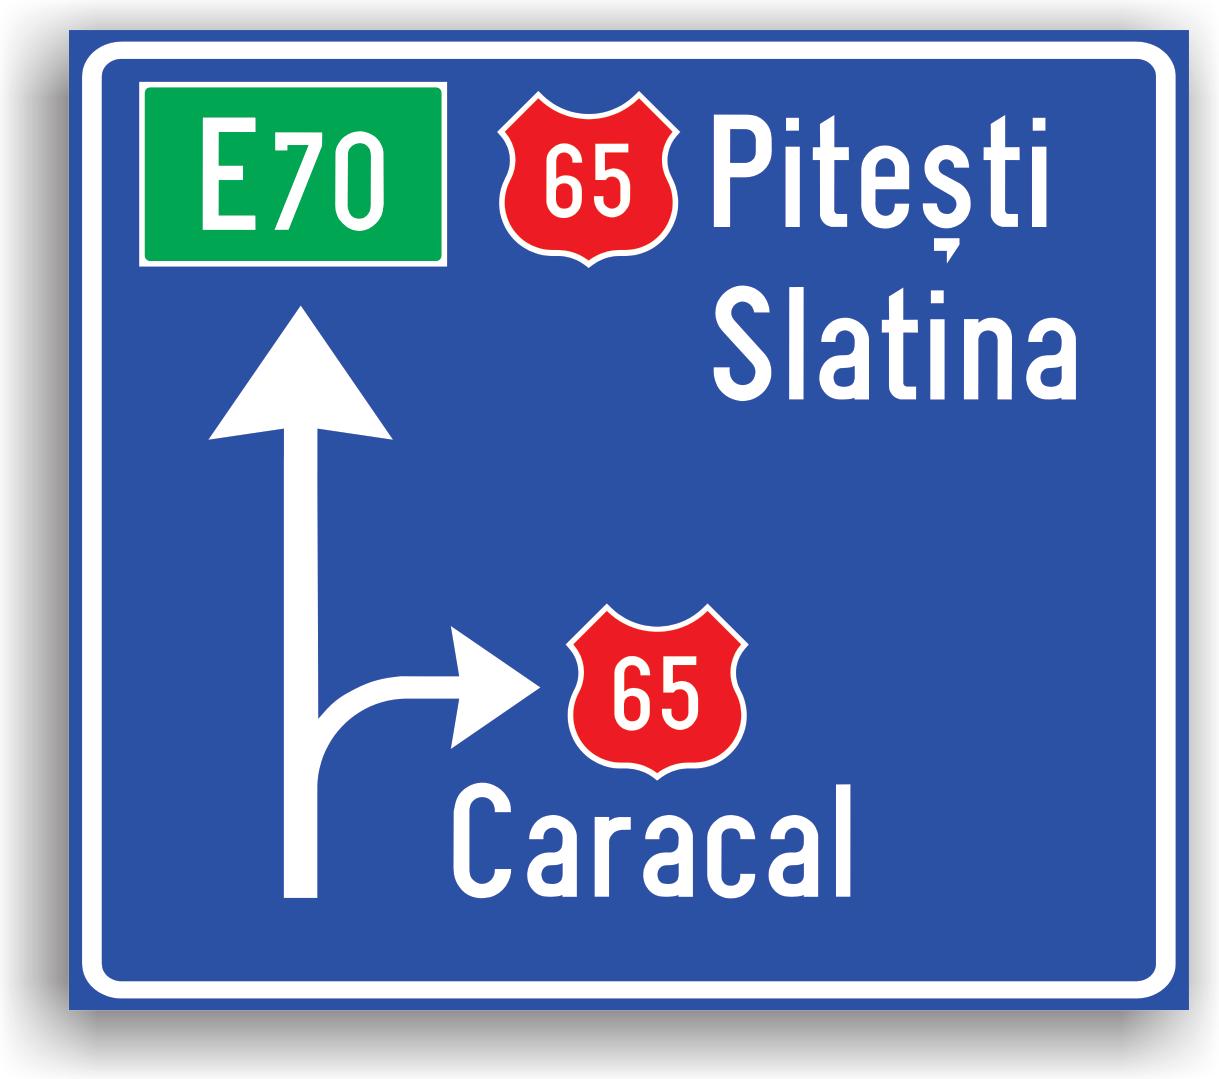 Presemnalizarea directiilor la o intersectie de drumuri din afara localitatii